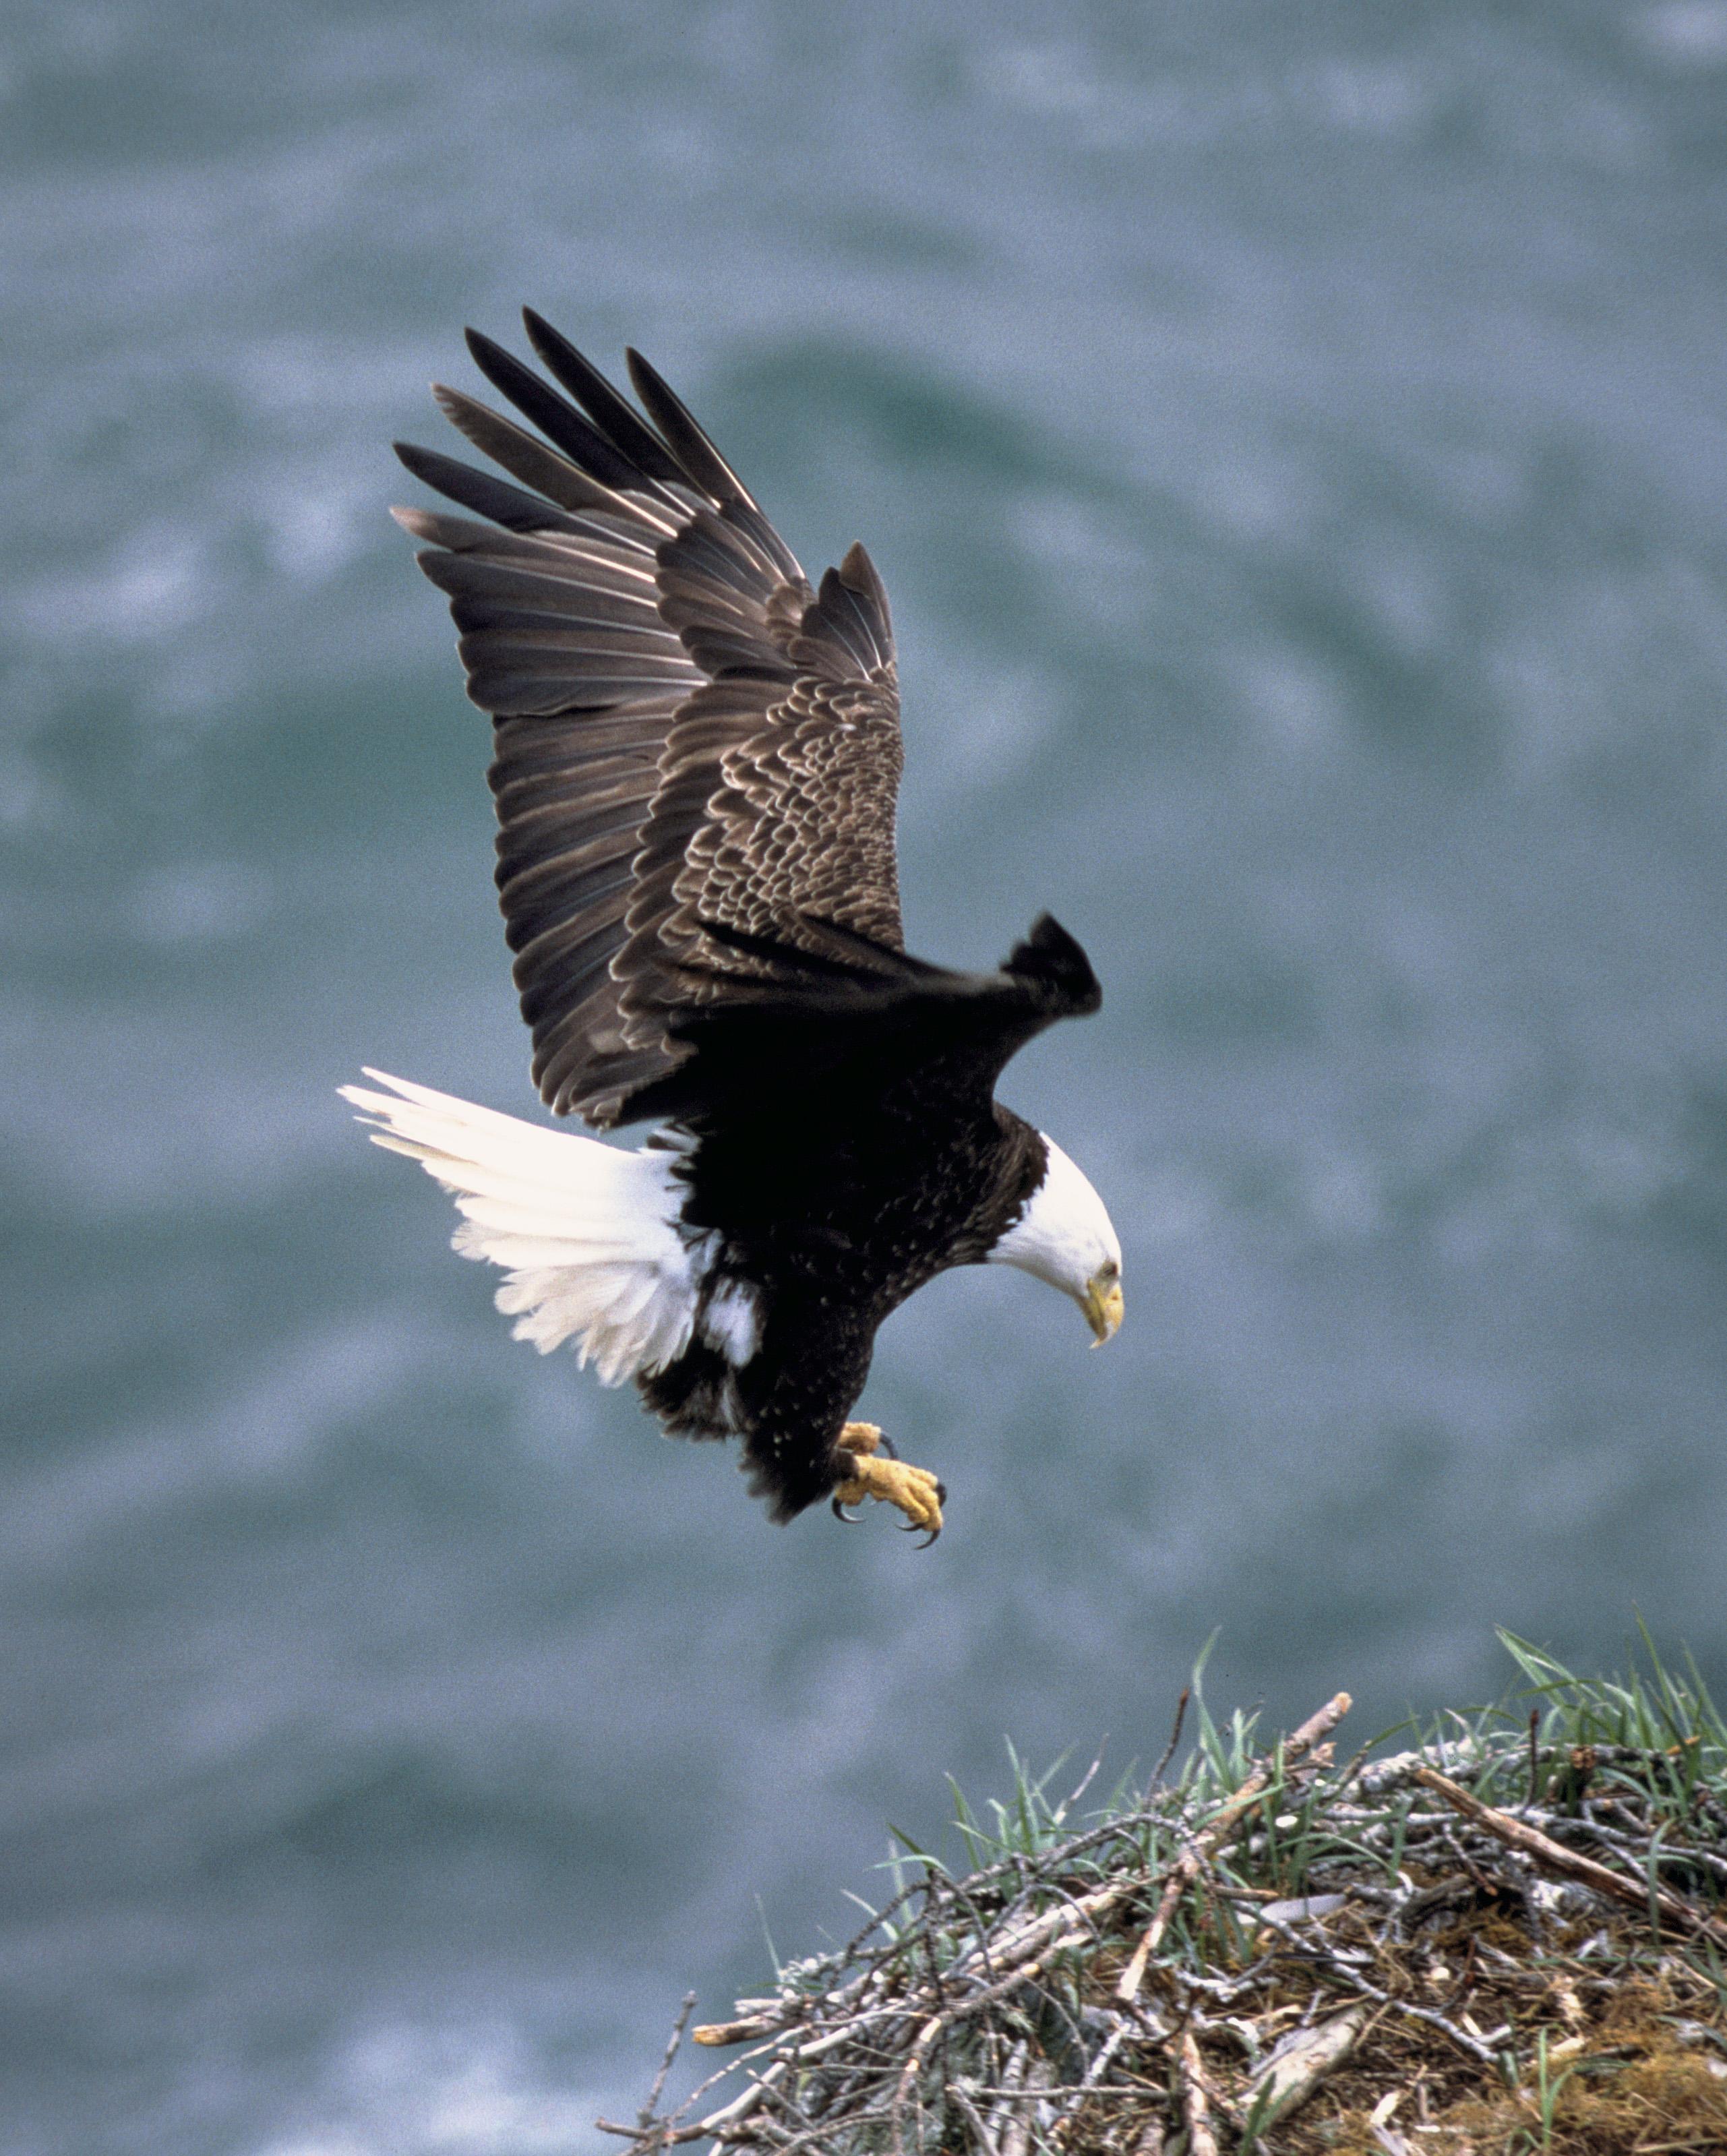 Drawn reptile sea eagle ANIMALS SPECIES S Eagle The